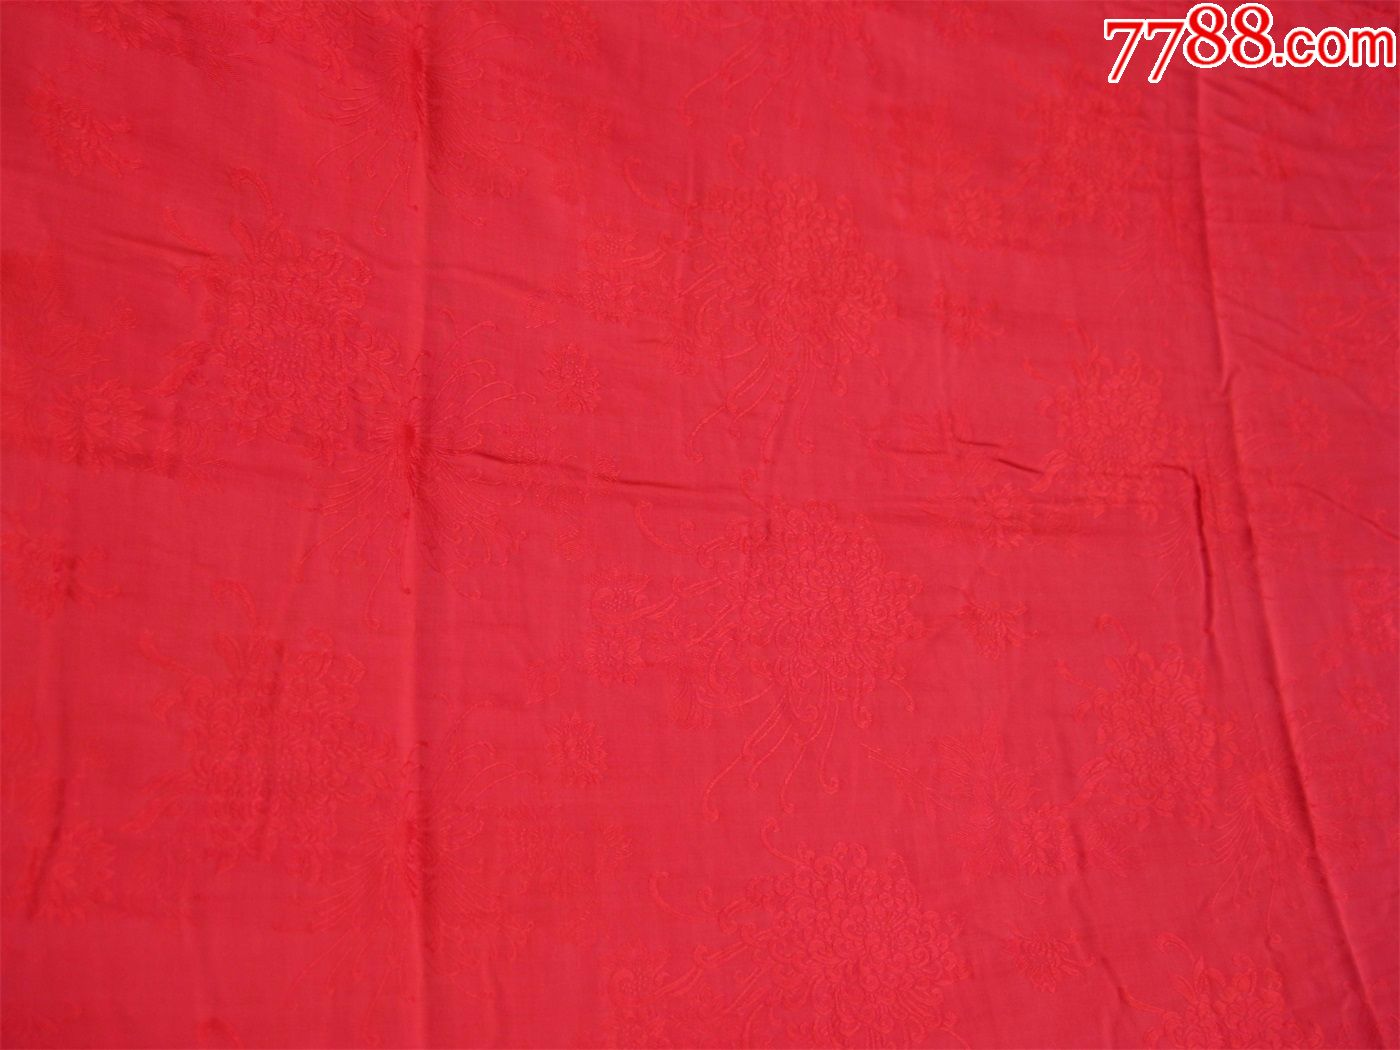 保老保真八十年代丝绸被面红色底布暗花菊花图案松树丝绸厂